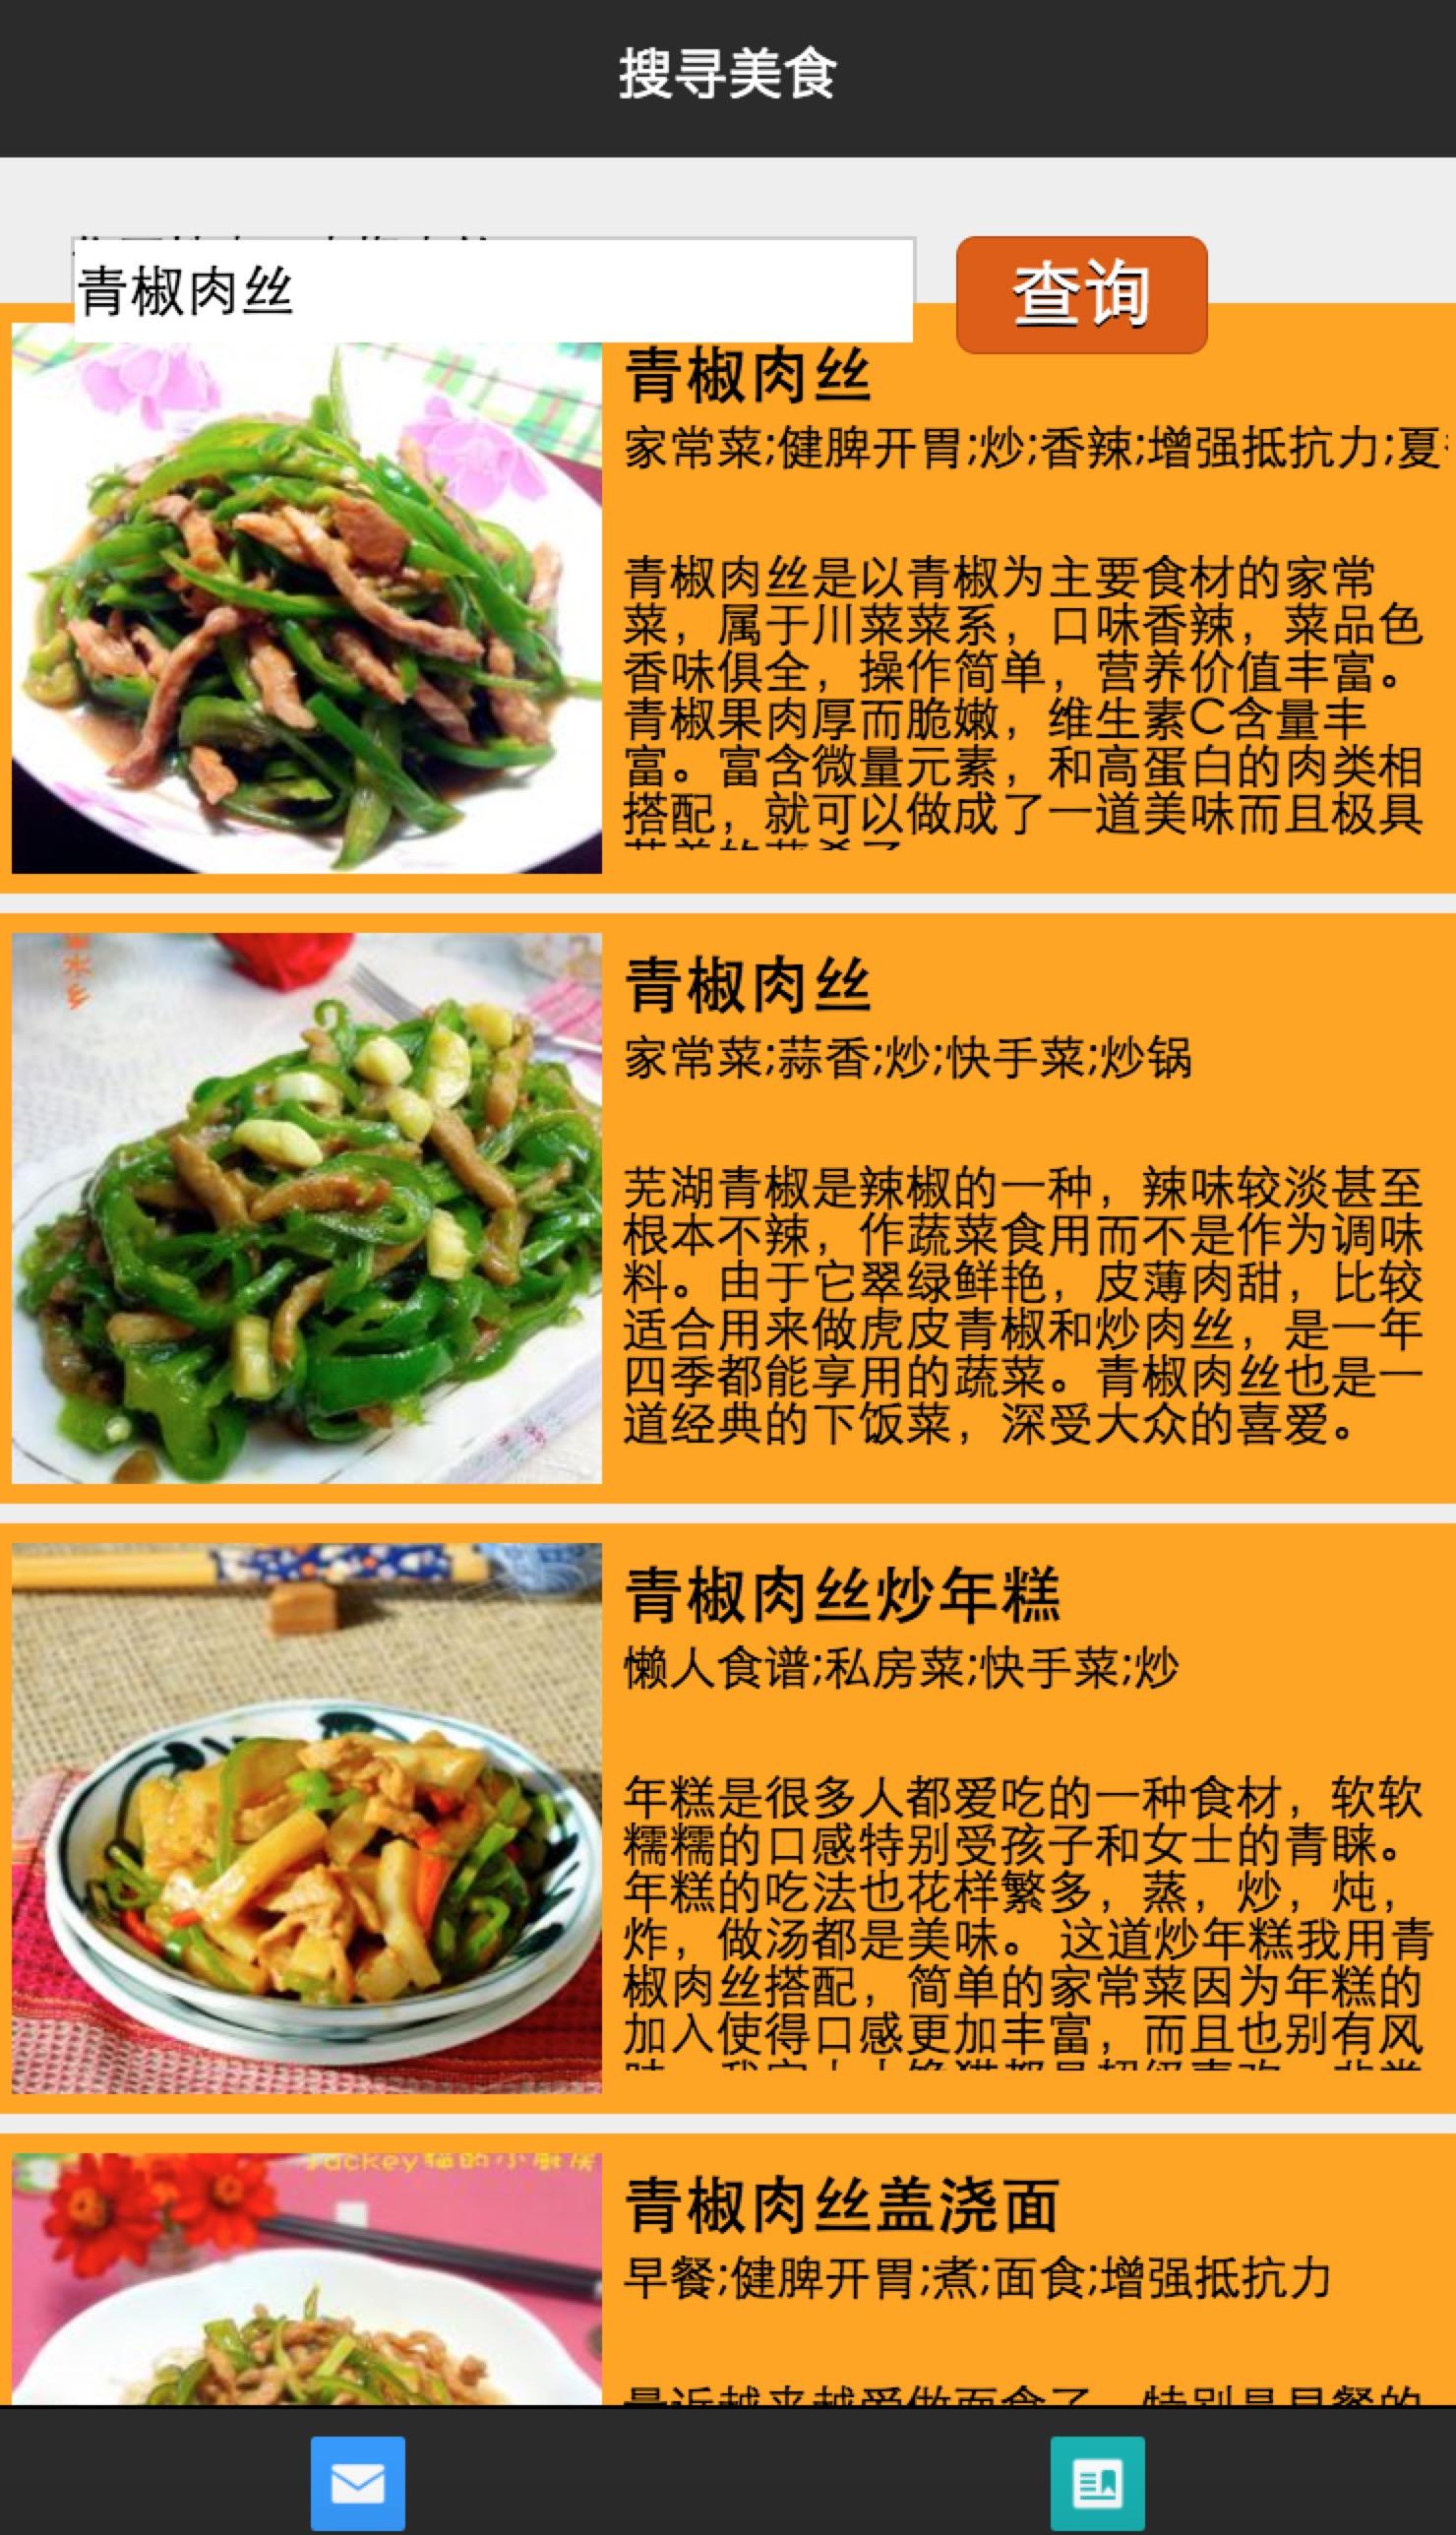 微信小程序-百家菜谱